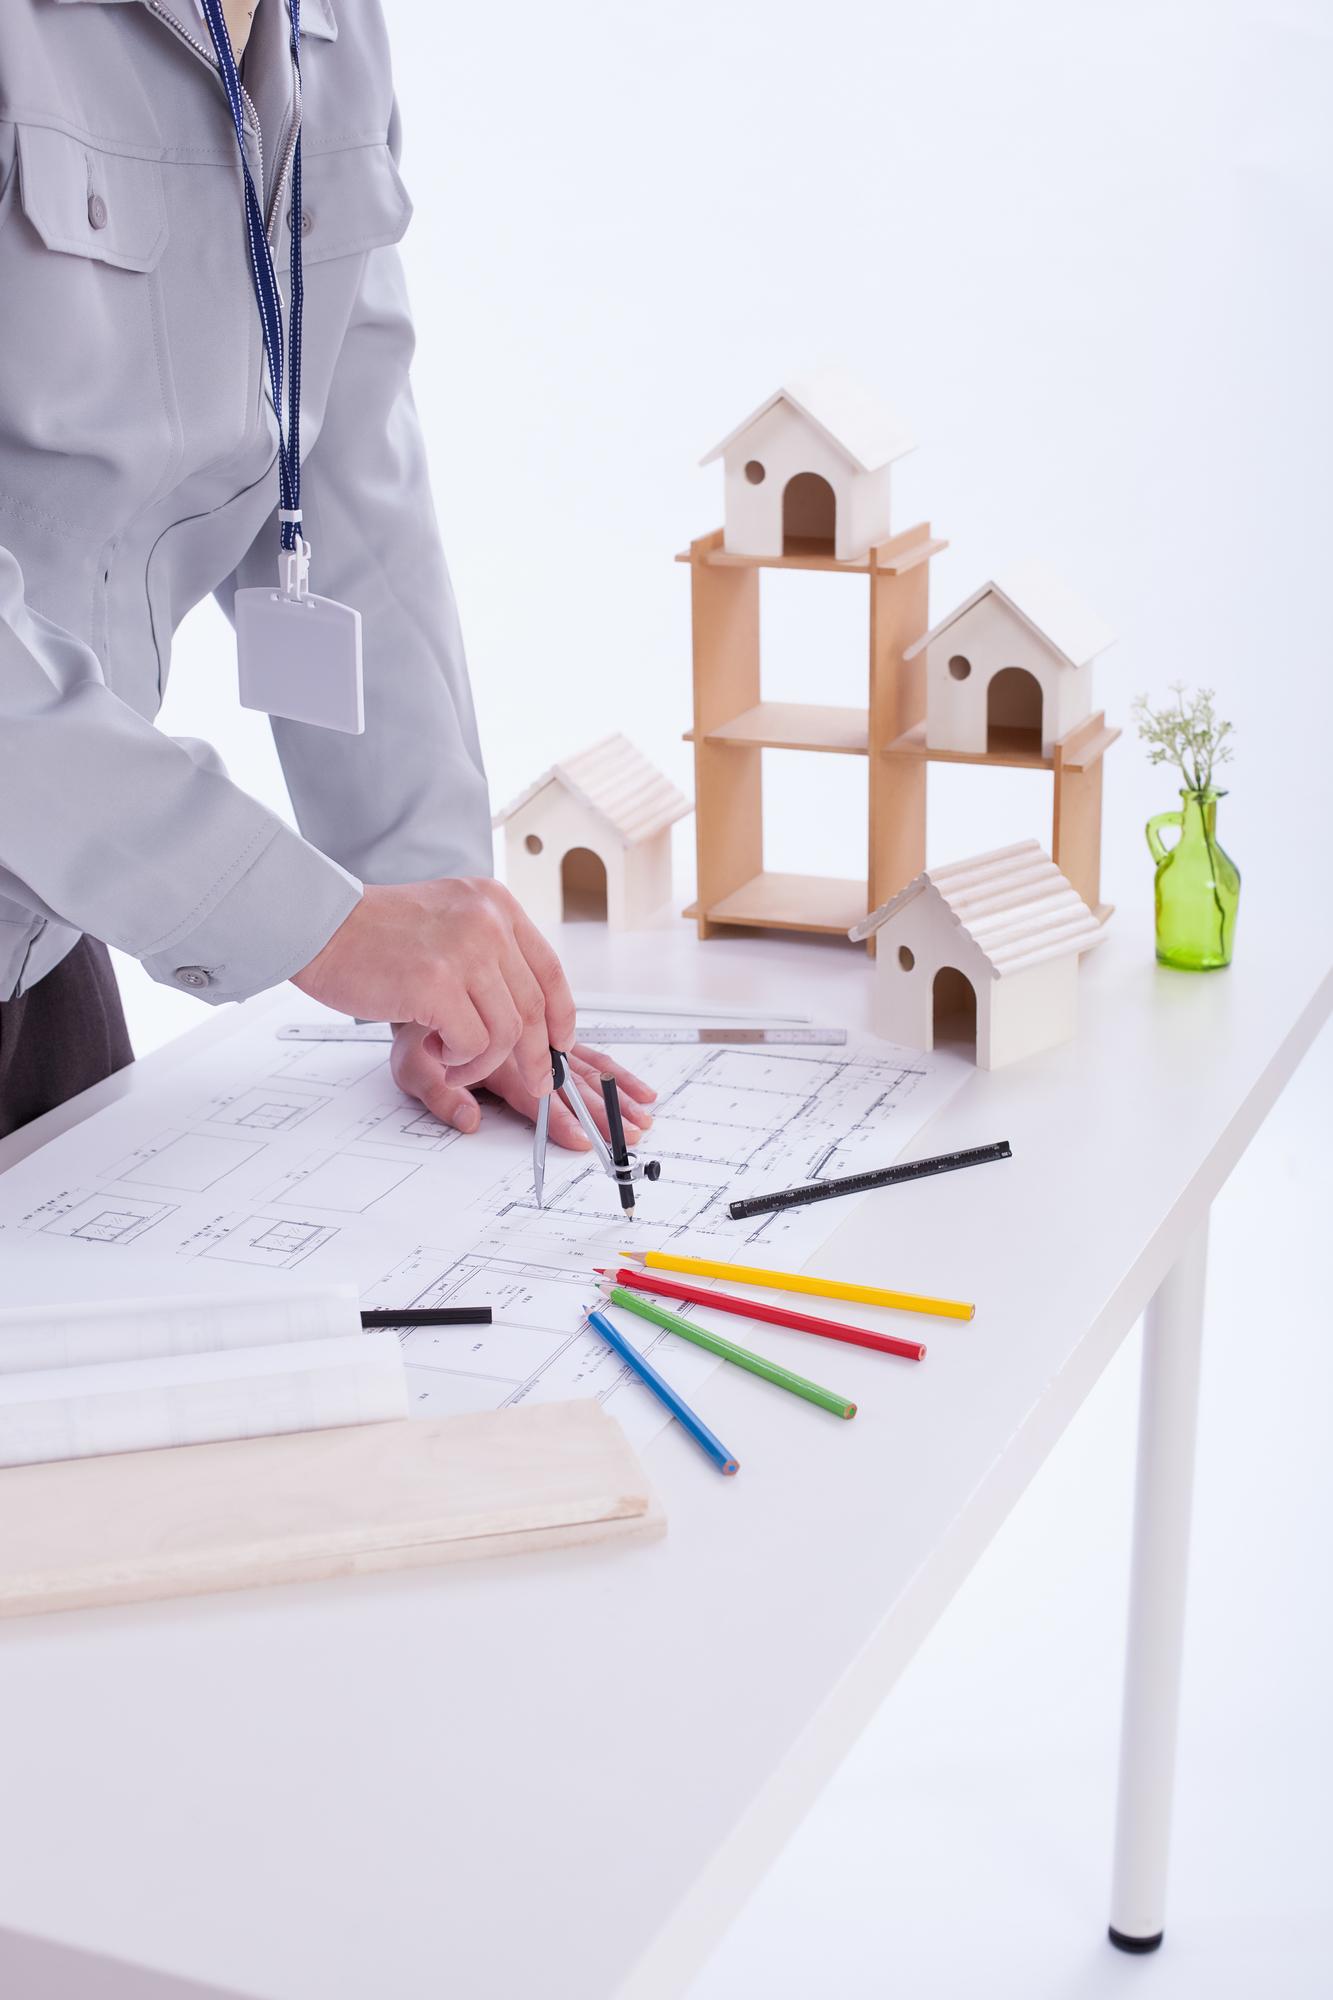 大工作業・組立 | 大工作業・組立の施工箇所別 金額・費用相場とポイント